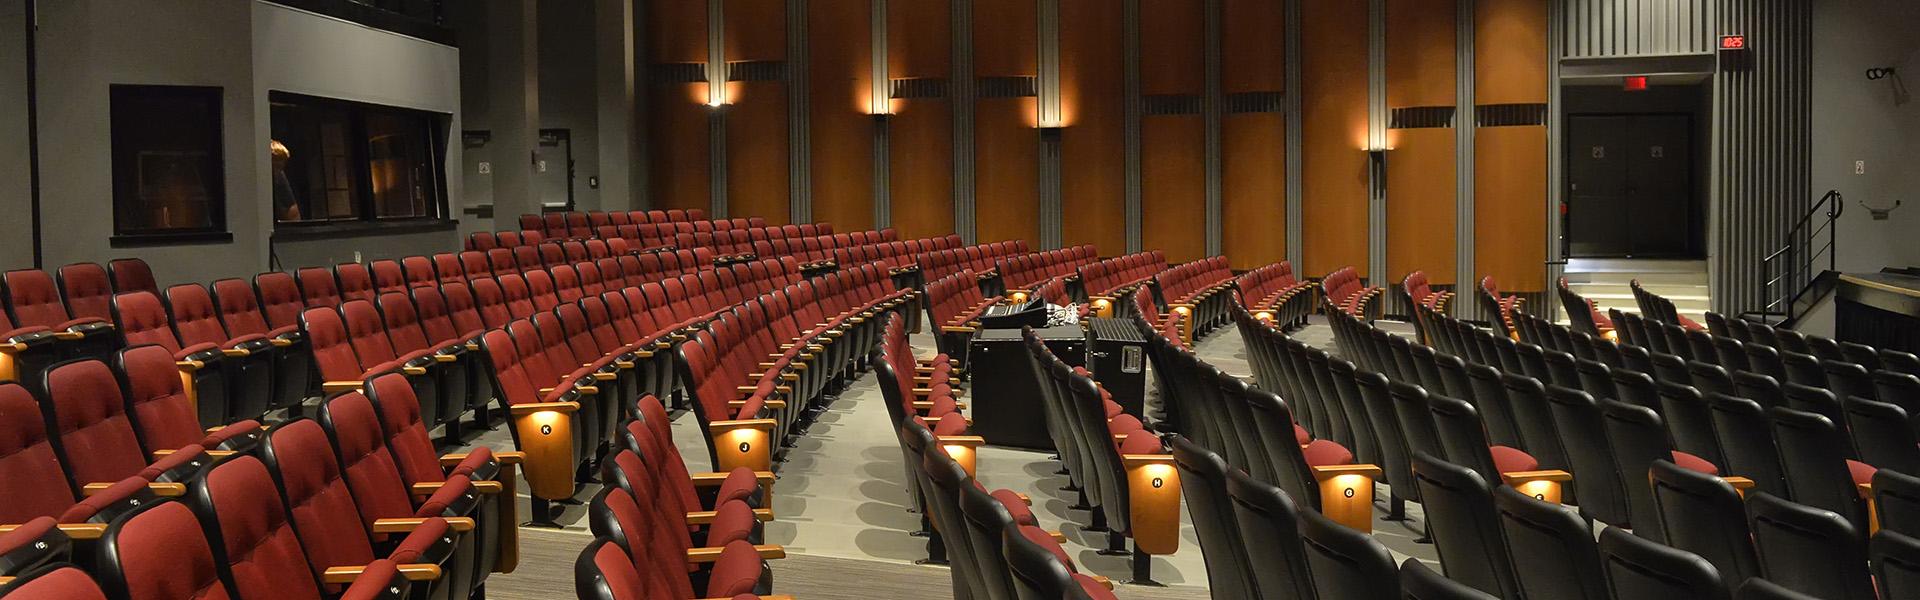 460 sièges numérotés pour faciliter l'assignement des places.